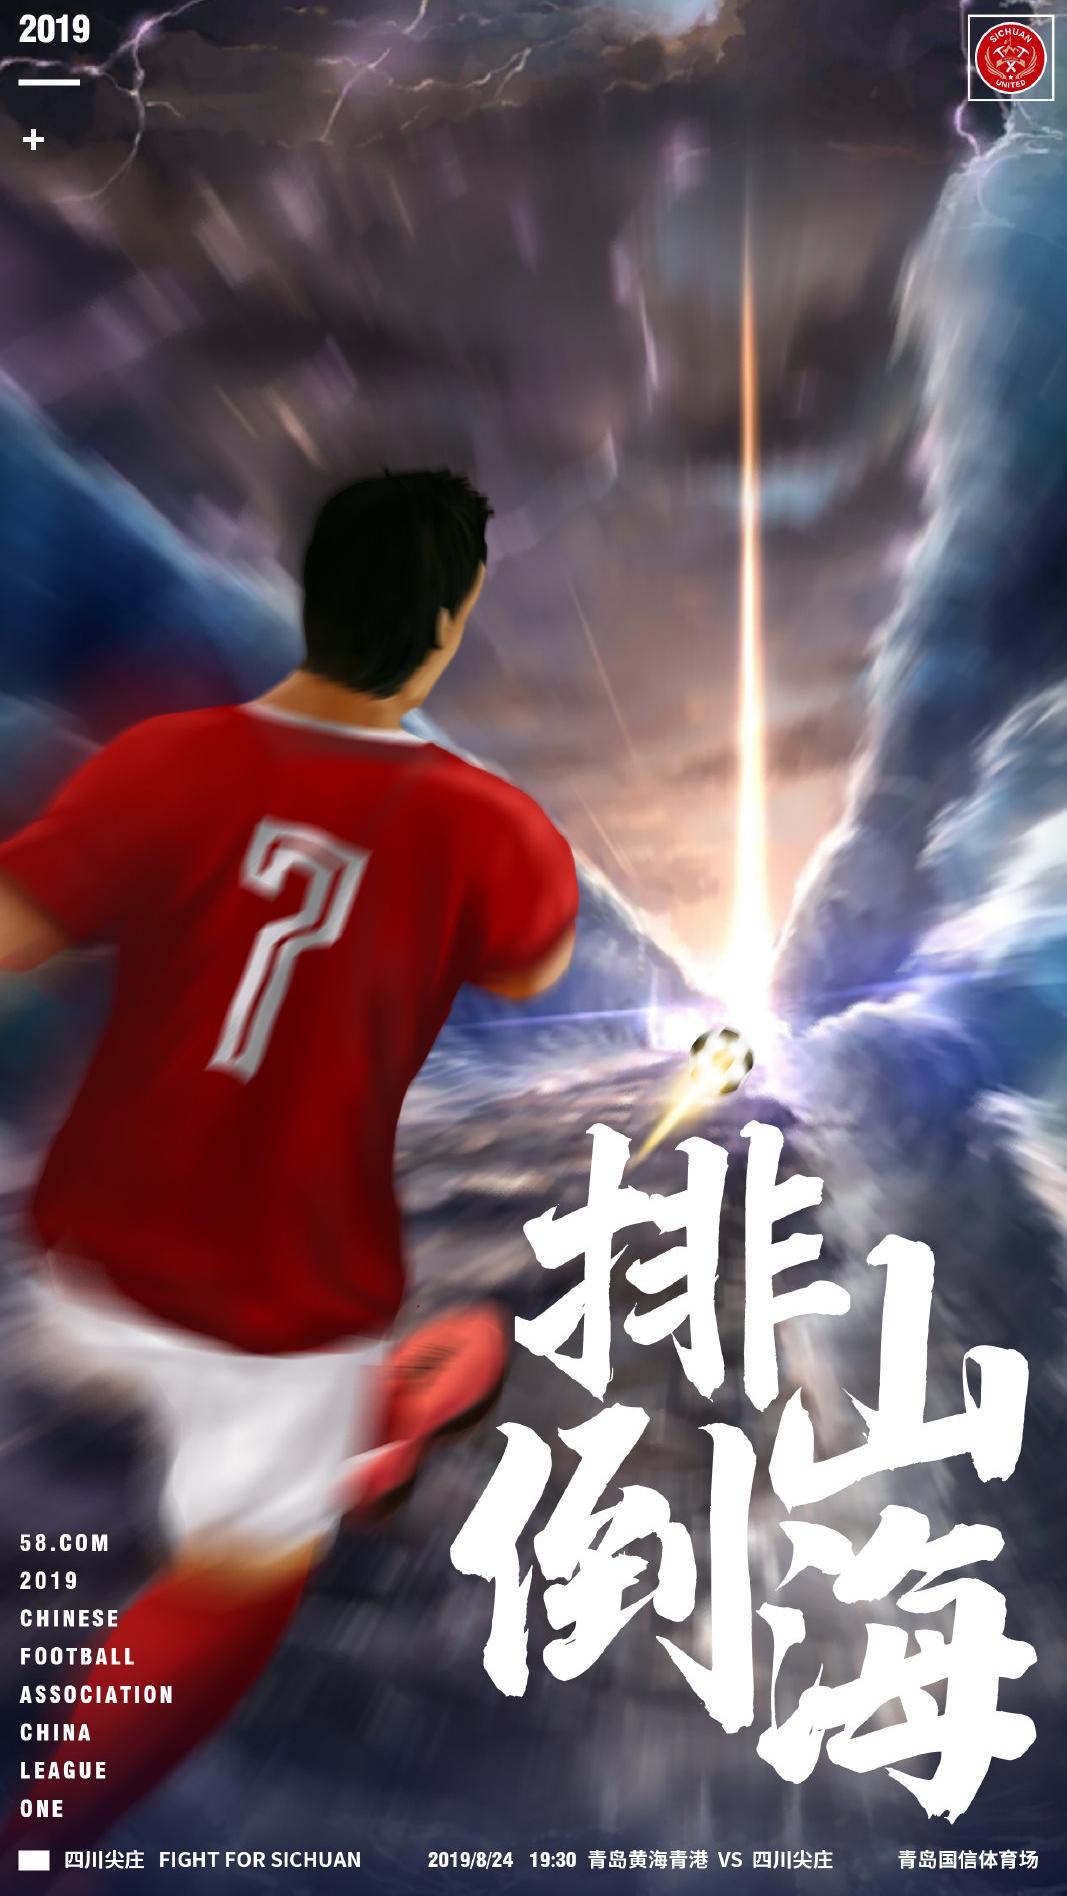 川足、贵州恒丰、青岛黄海与浙江绿城发布中甲第23轮海报